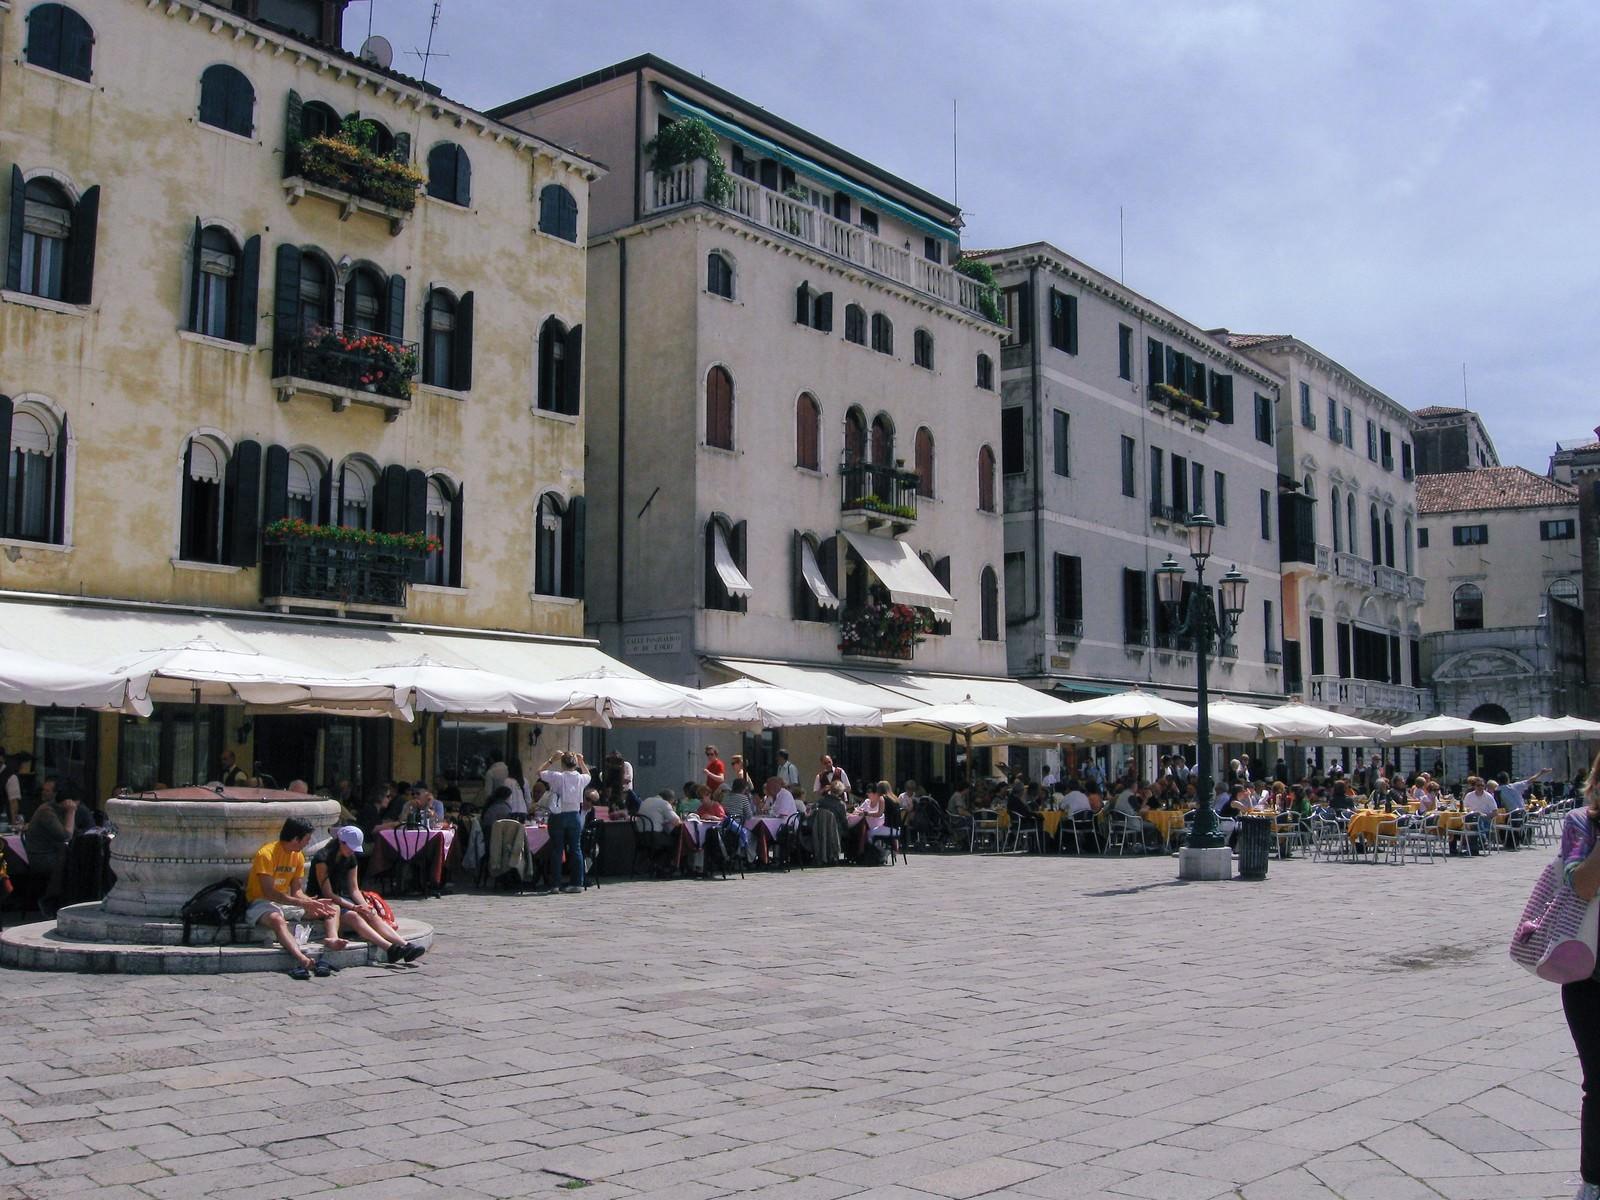 「ヴェネツィアの広場にあるレストランのテラス席(イタリア)」の写真